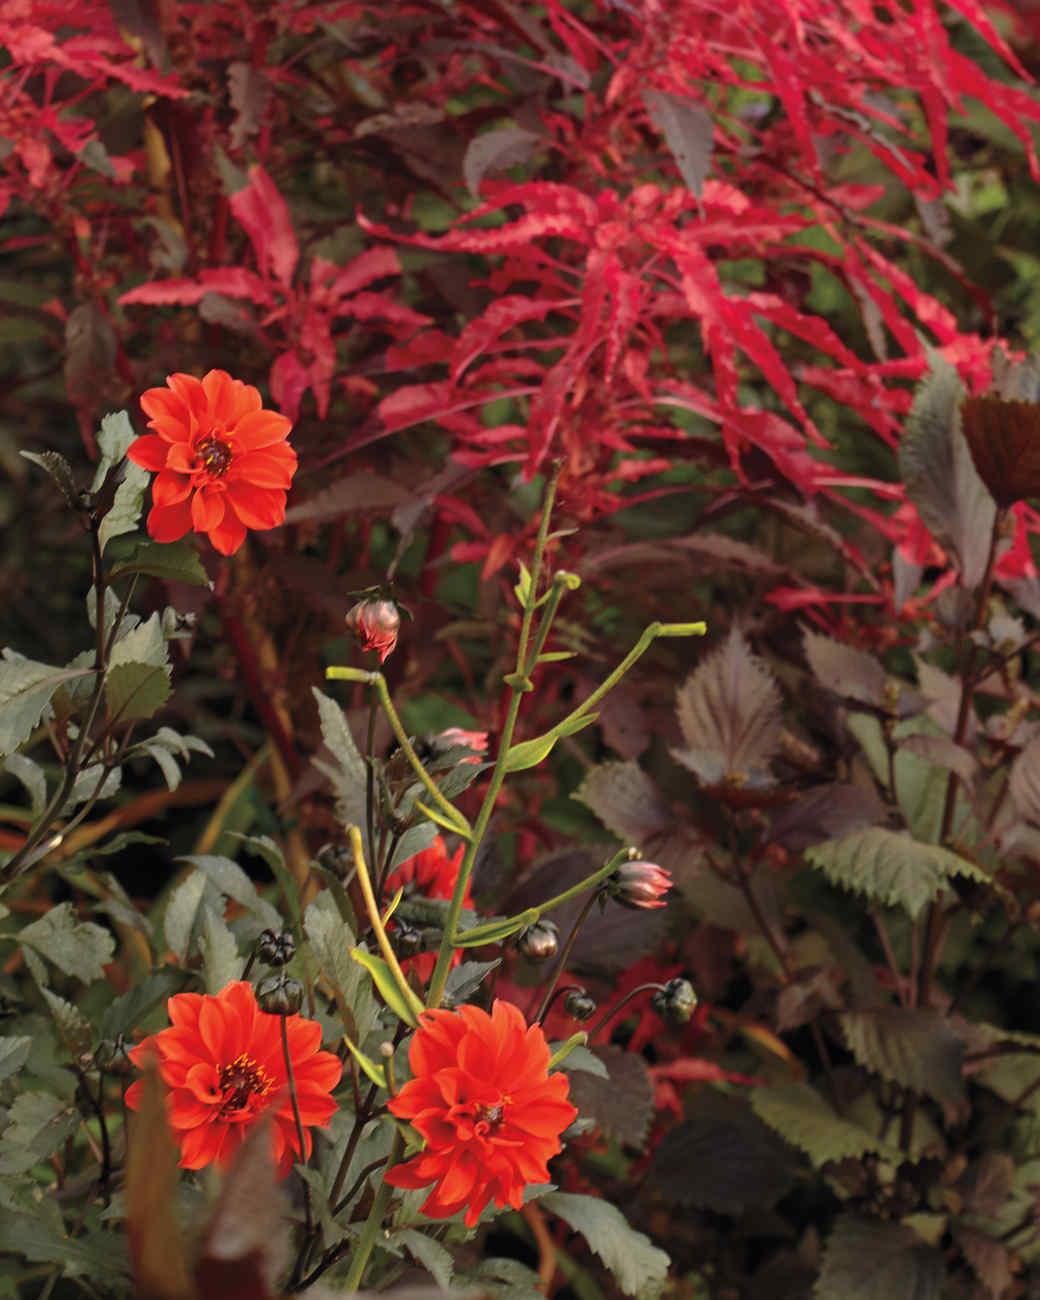 redflowers4-md110341.jpg